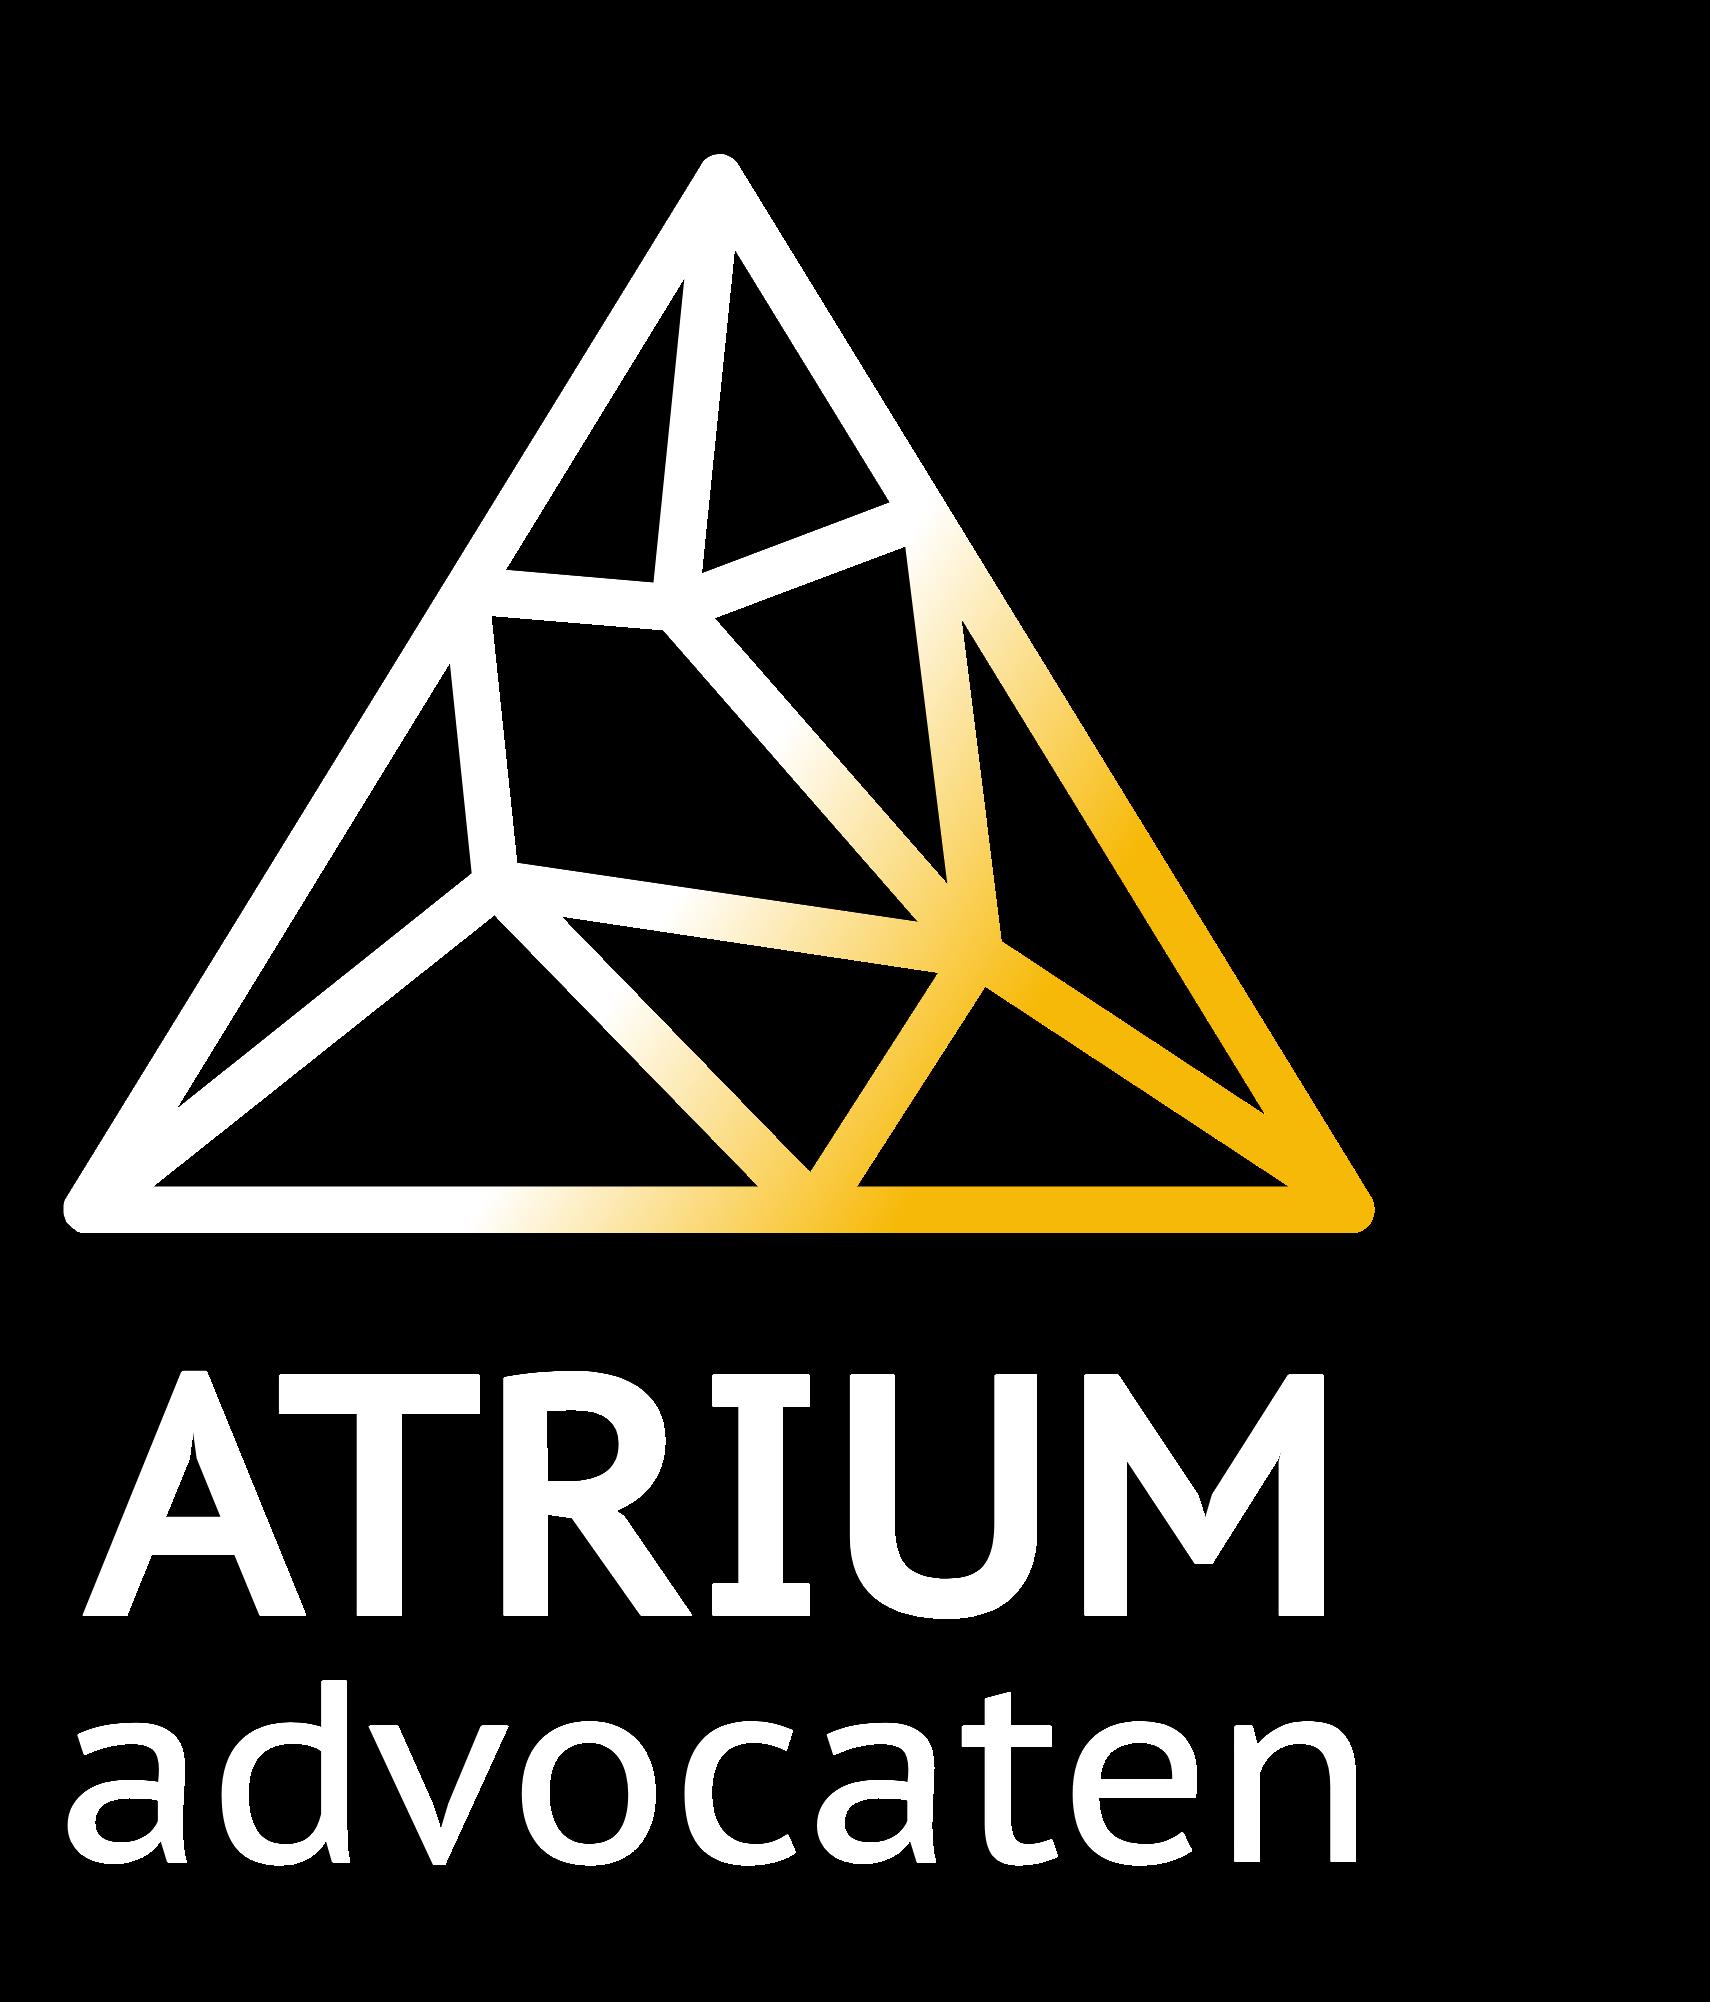 Logo wit geel png